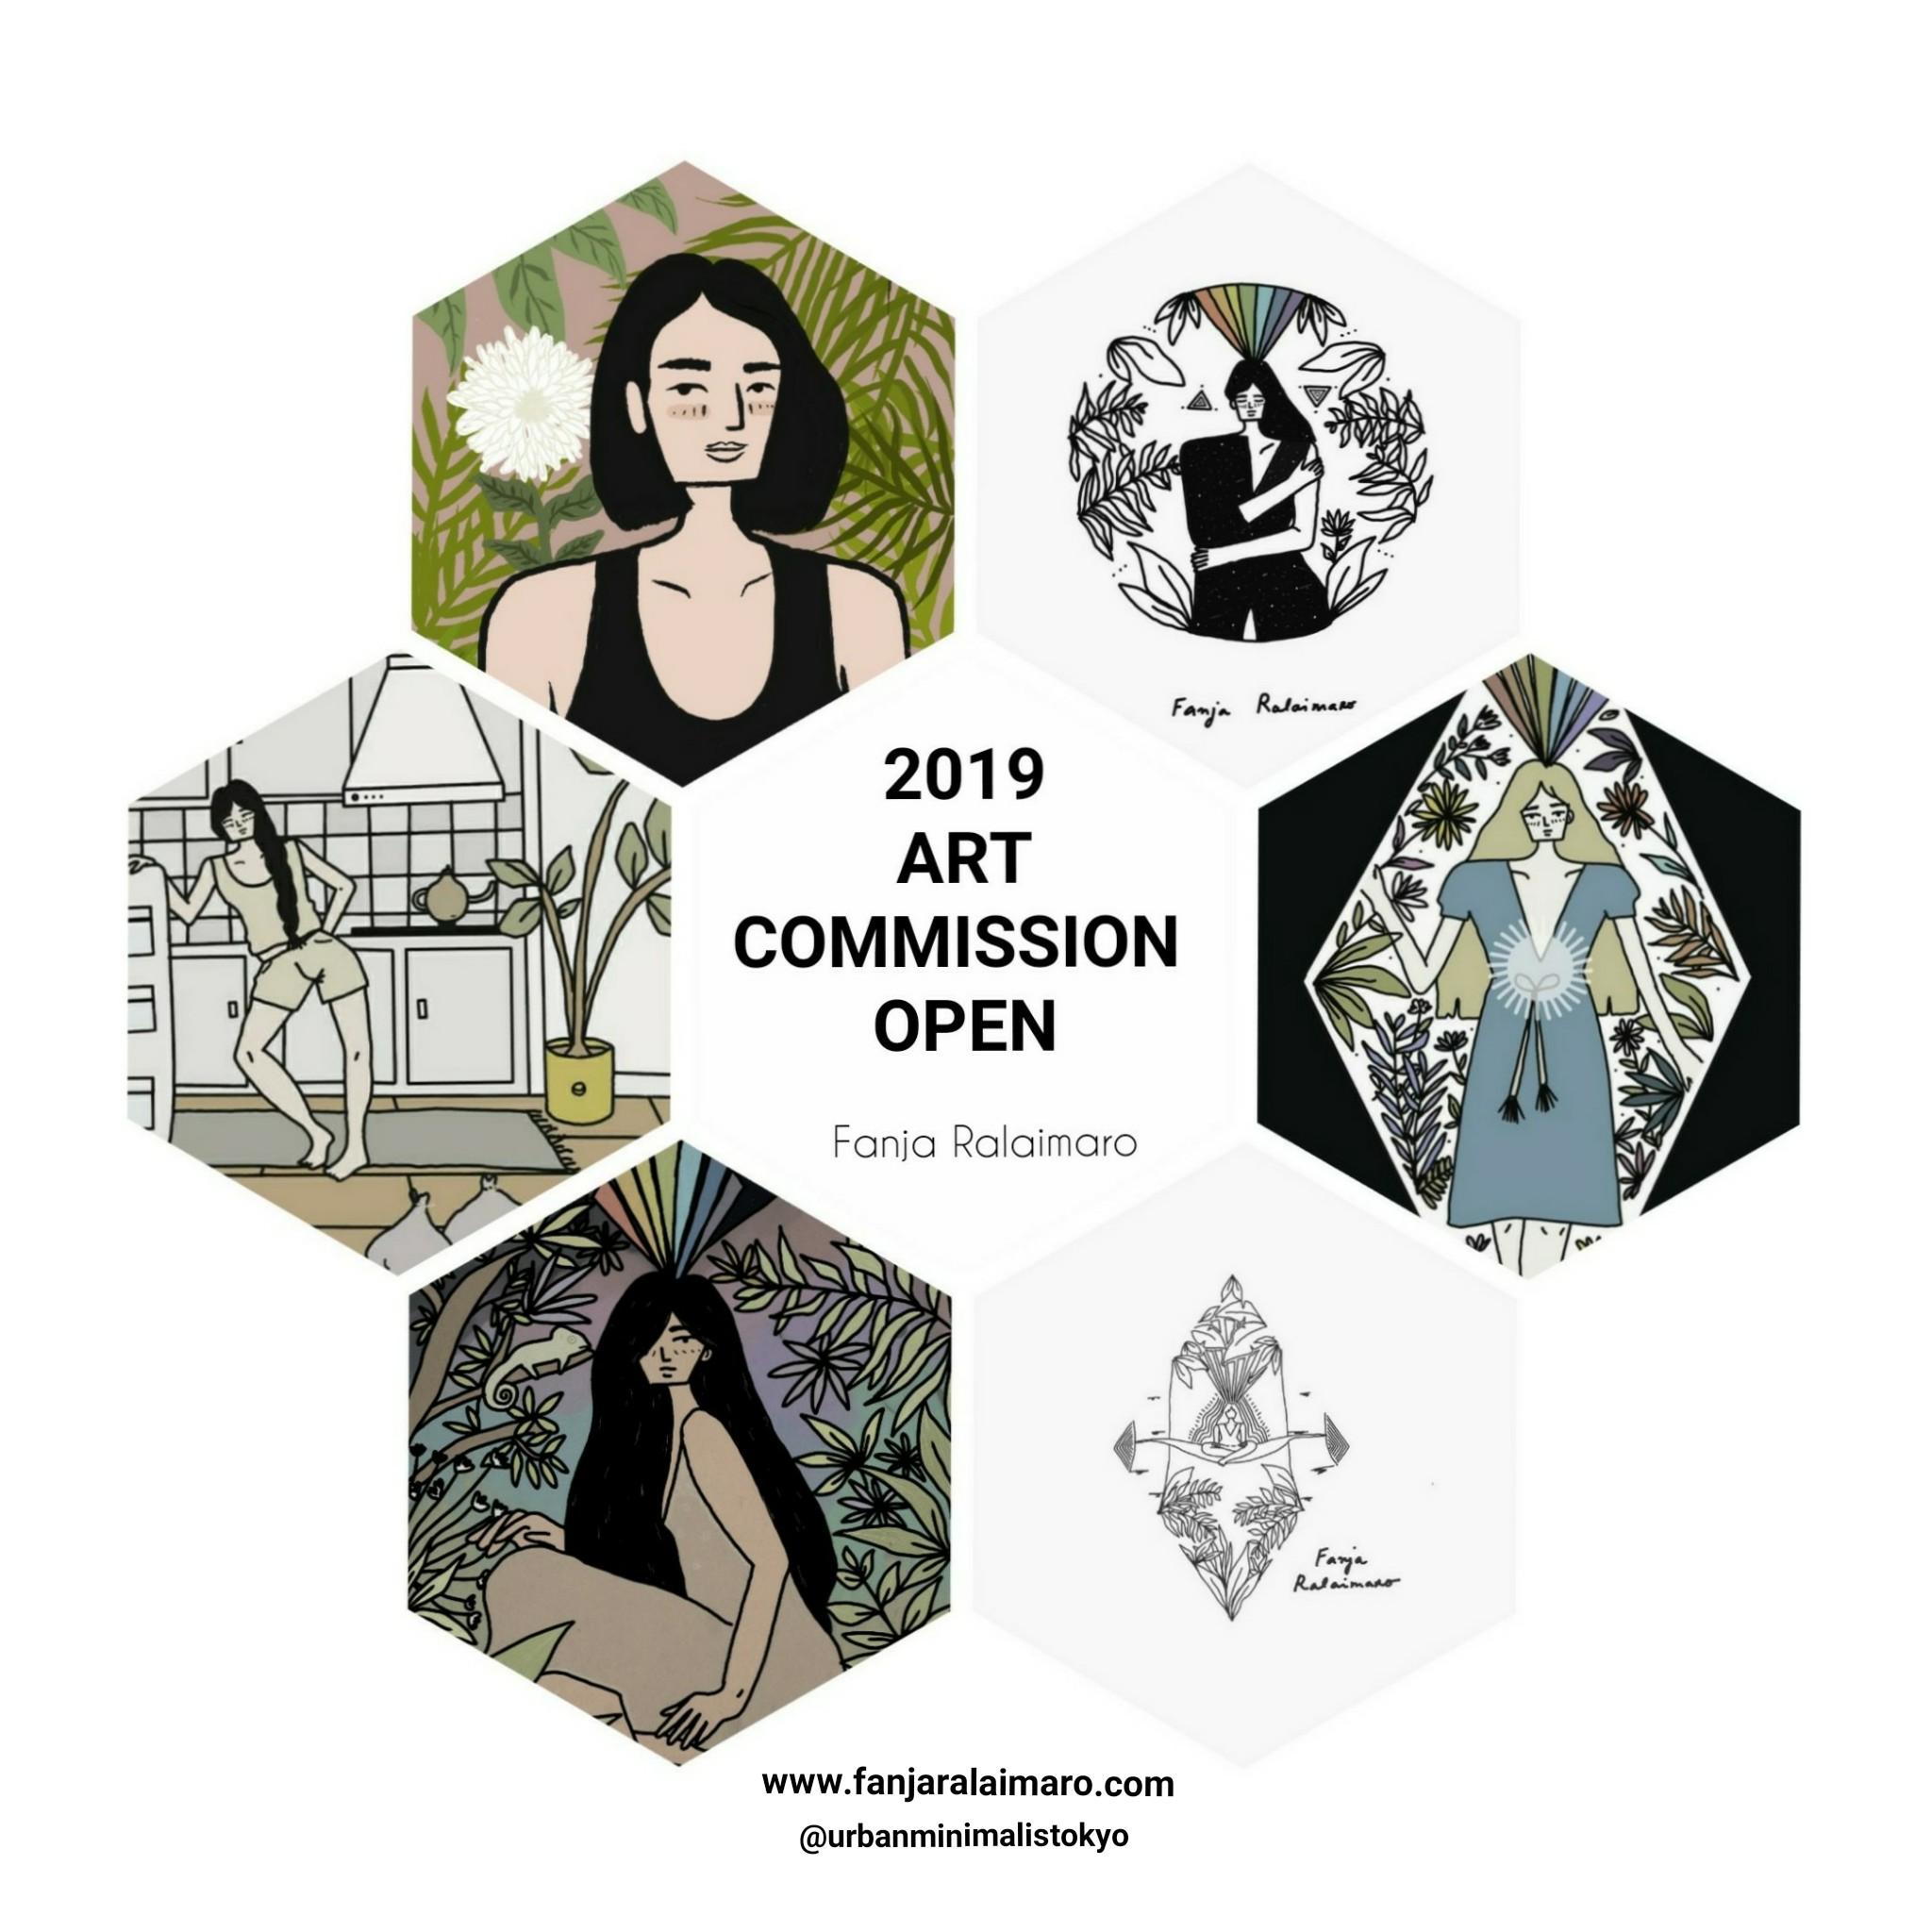 artcommission2019.jpg